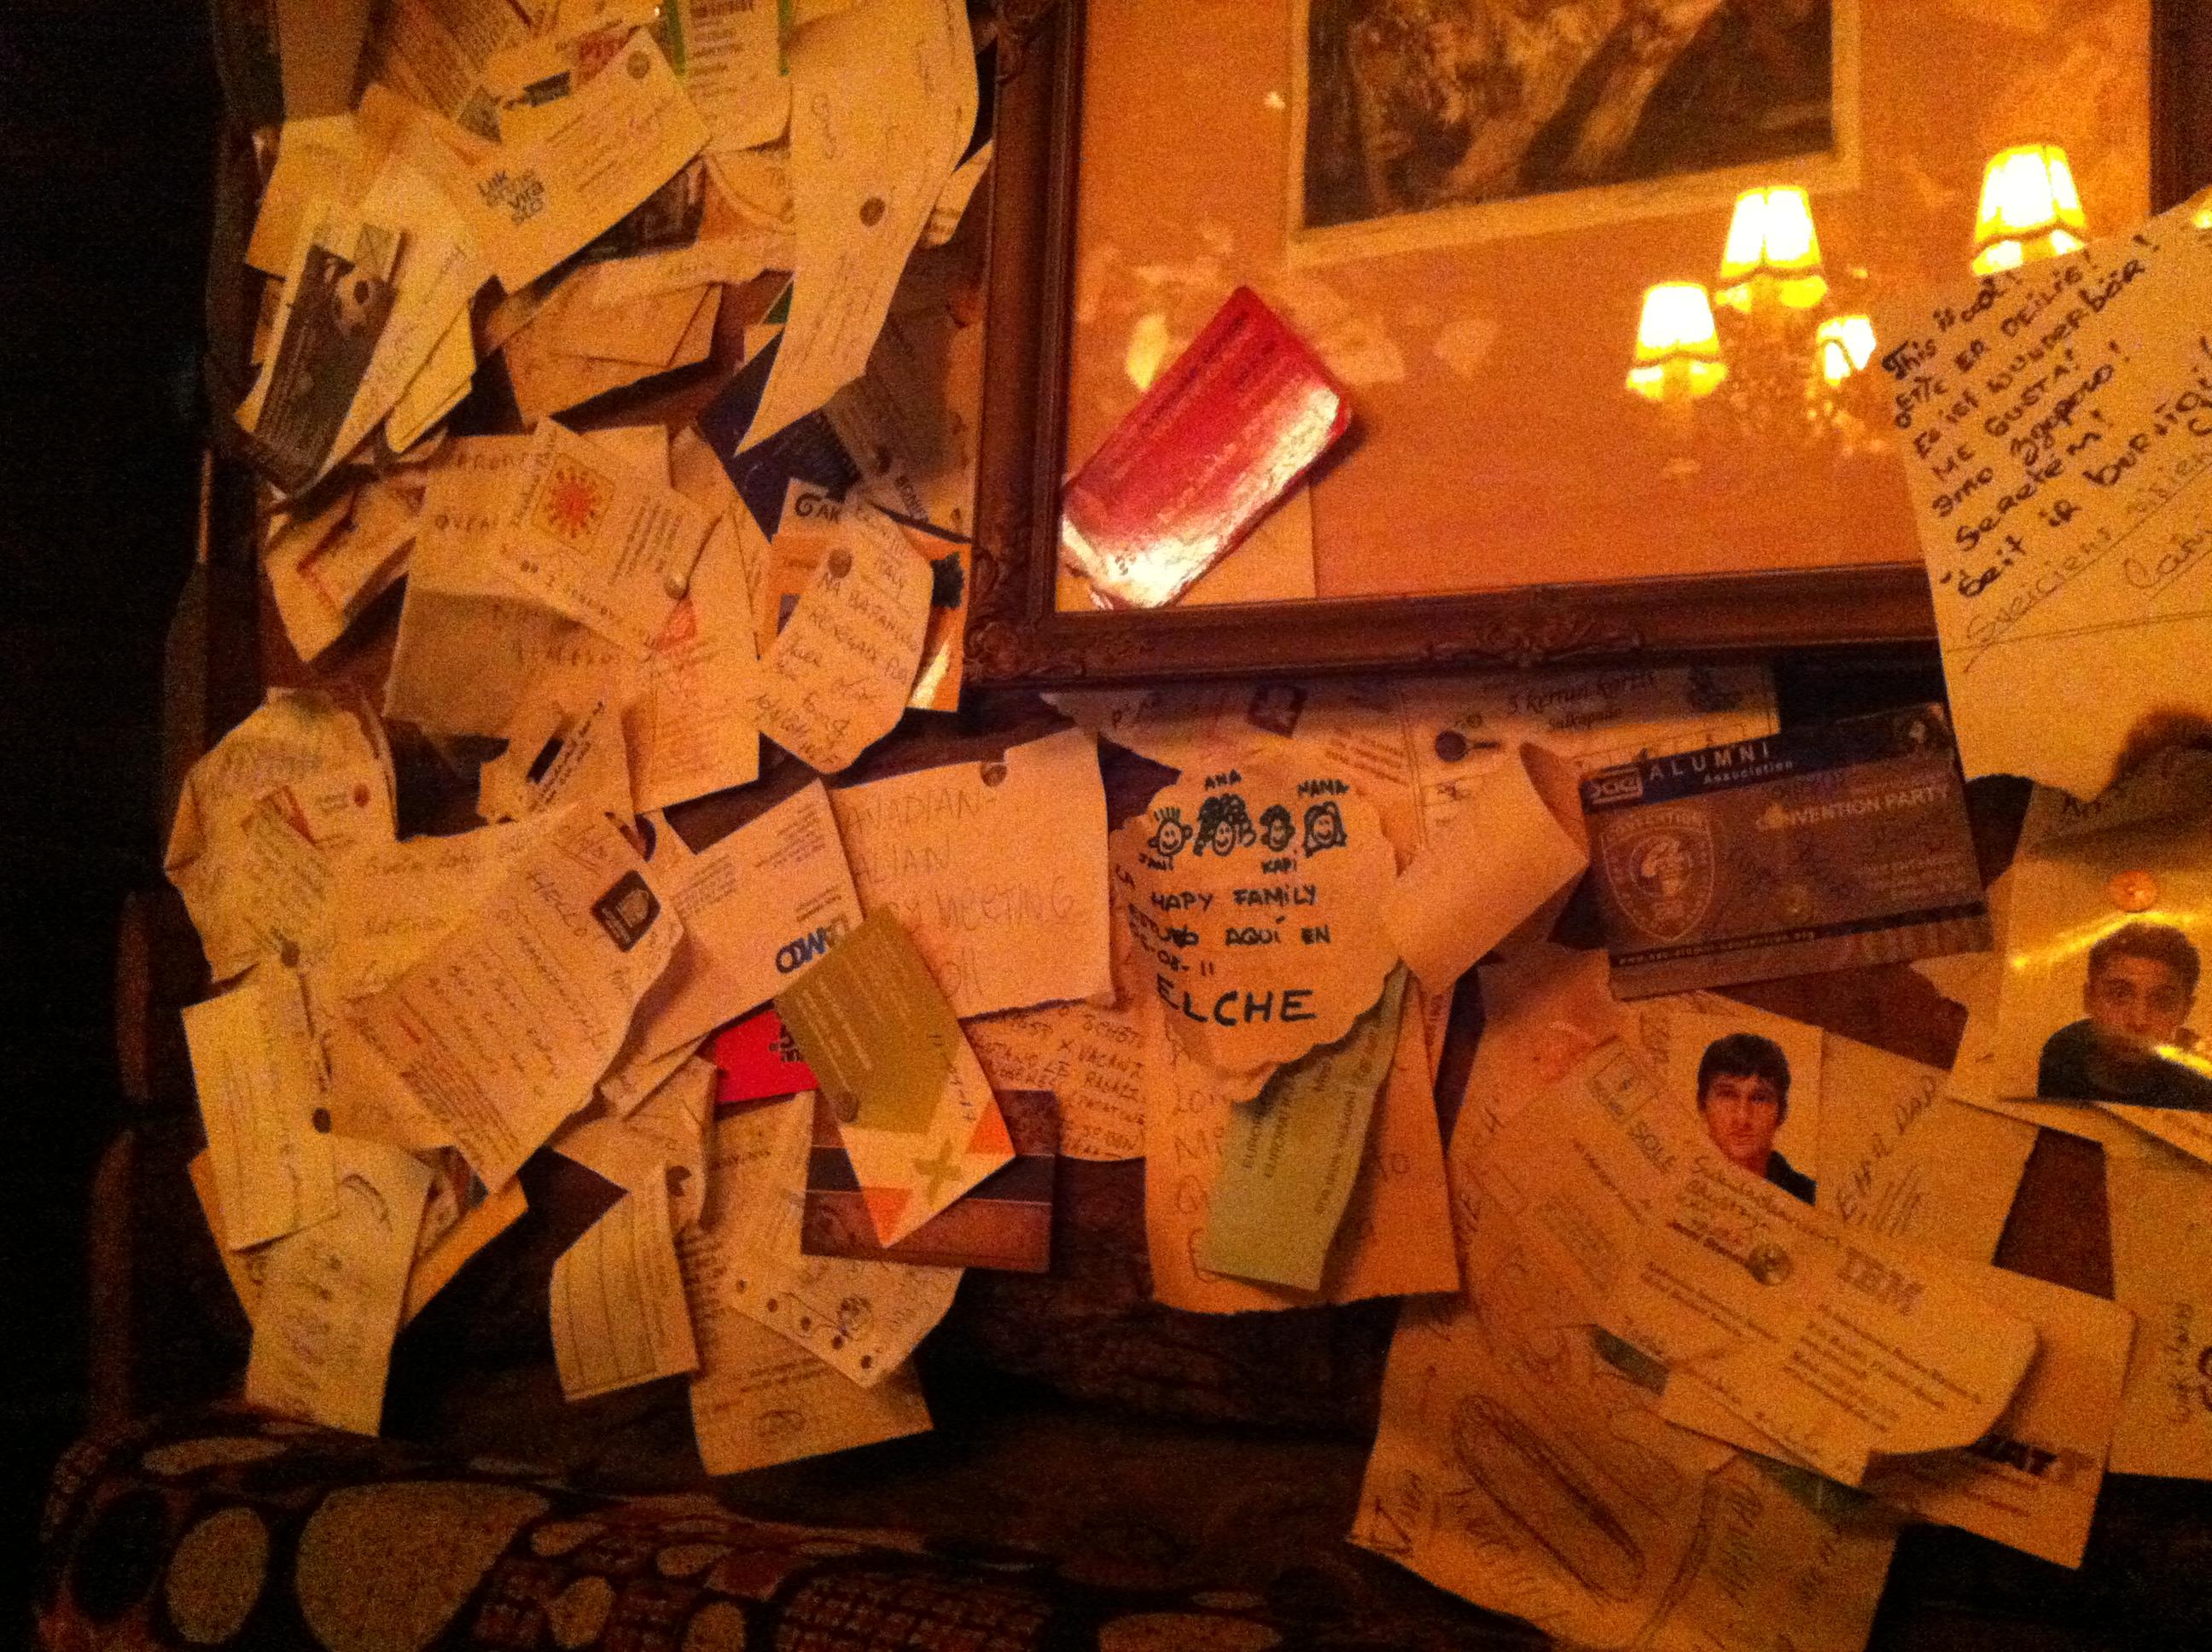 bigliettini pub budapest for sale